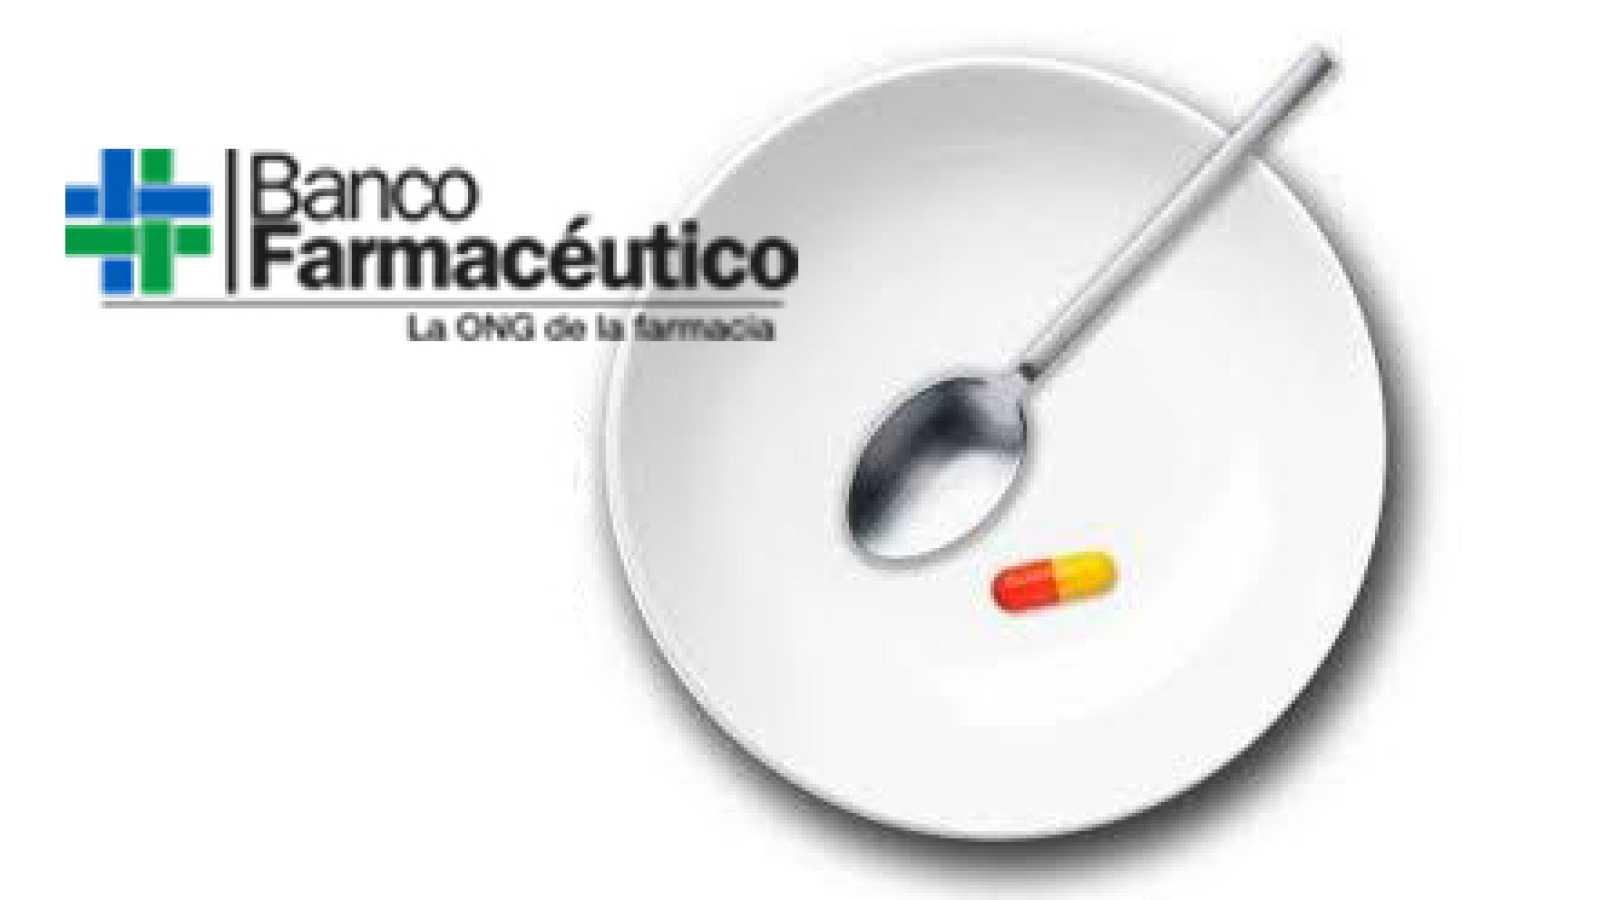 Artesfera - Fondo Social de Medicamentos de Banco Farmacéutico - 10/05/21 - escuchar ahora